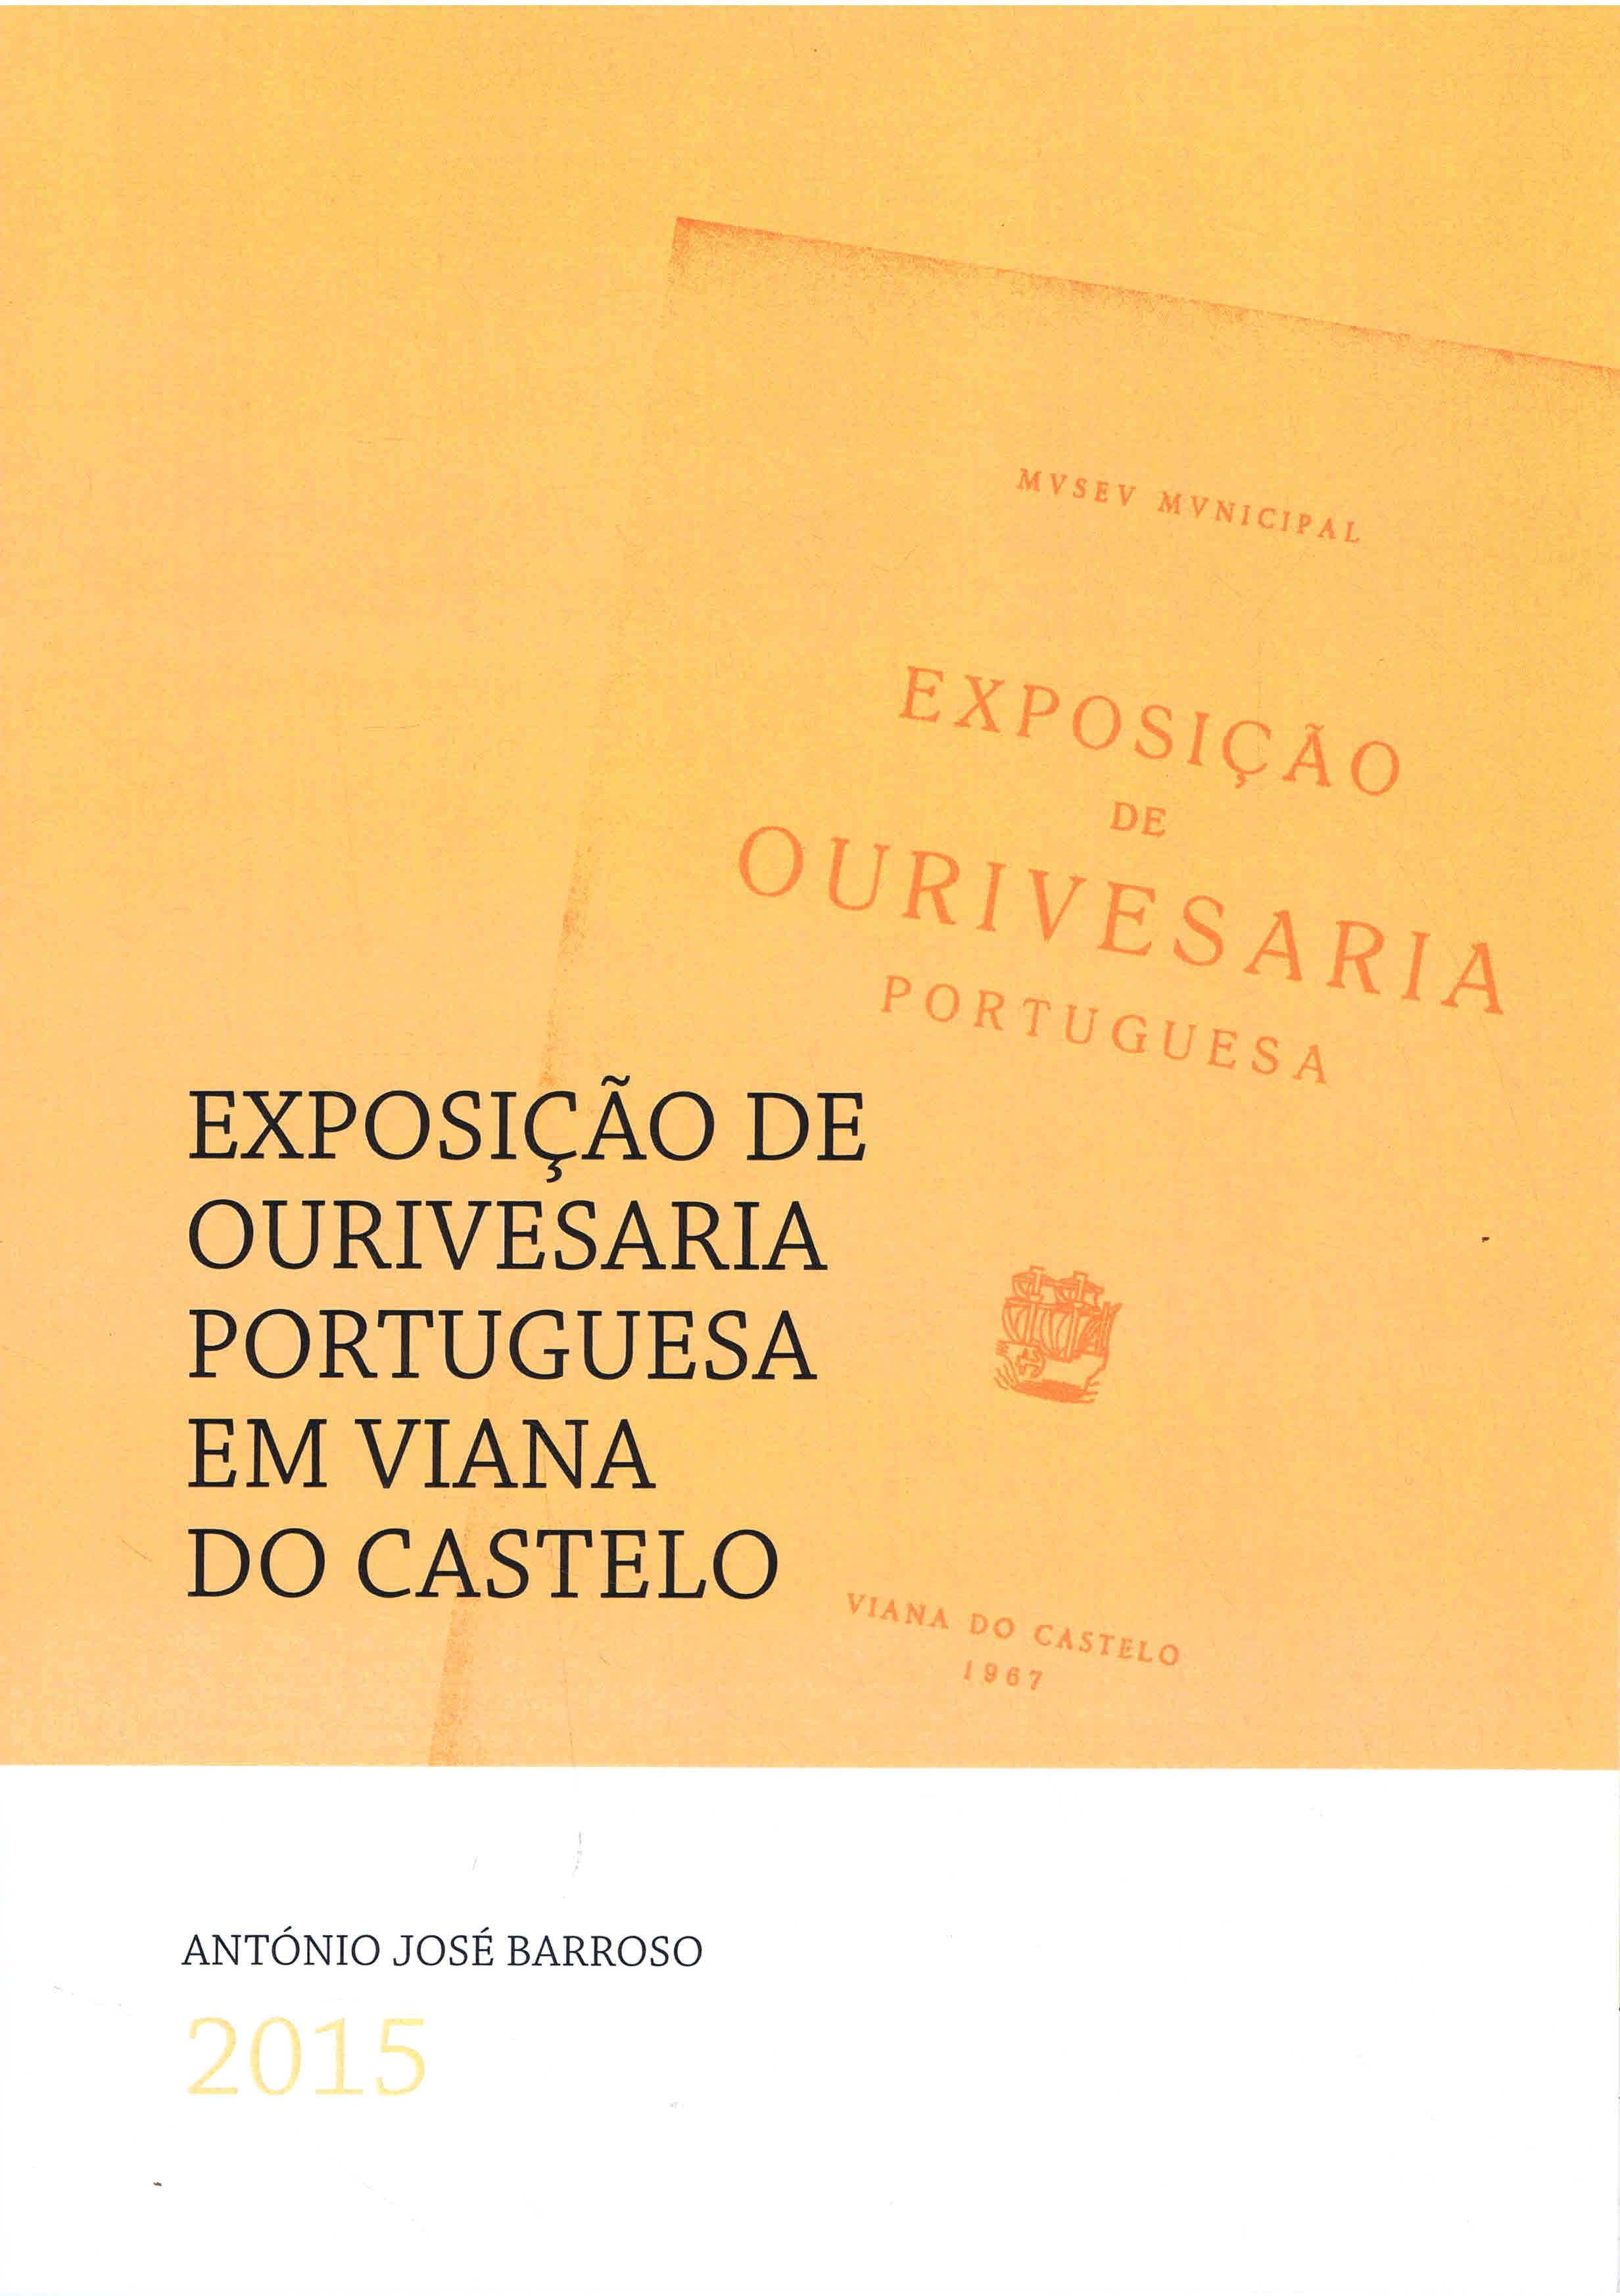 antonio jose barroso exposição de ourivesaria portuguesa em viana do castelo 2015